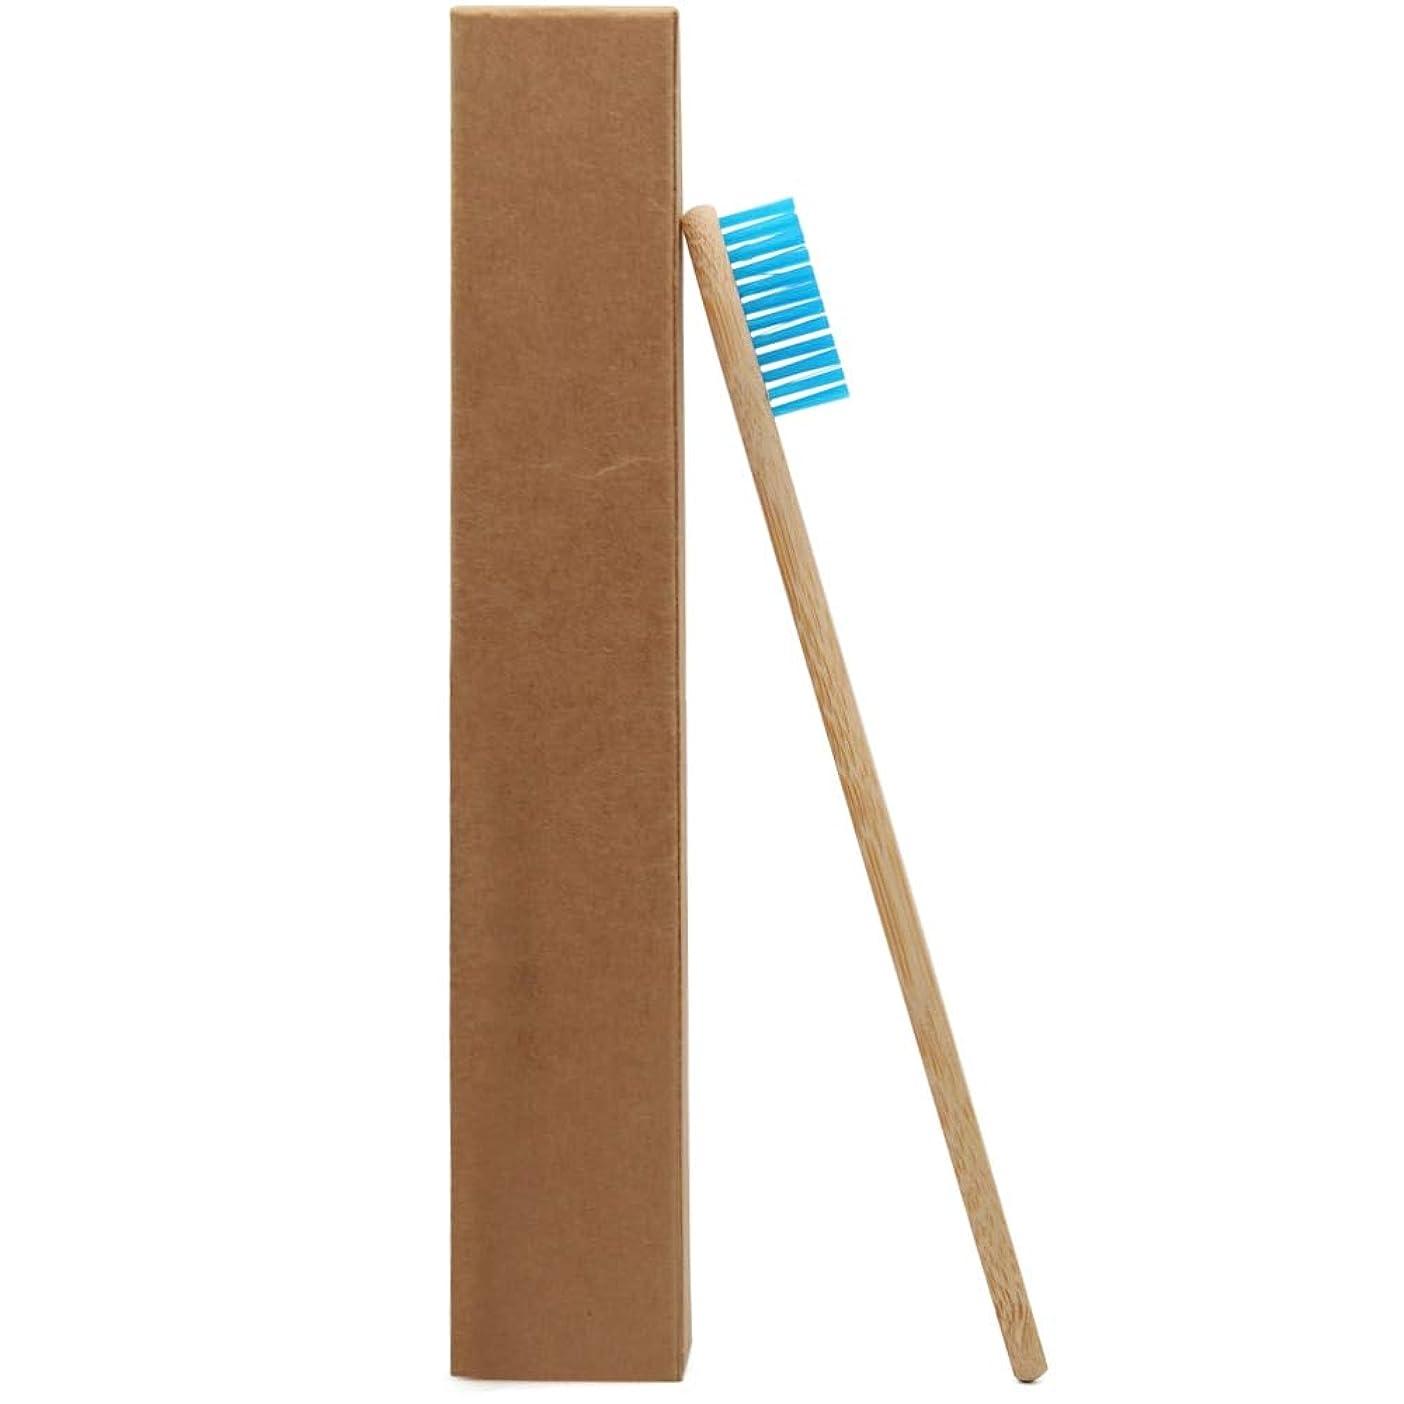 説得感嘆カメGederq - 高品質1つのPCブルーヘッド竹歯ブラシ卸売環境木製ブルー竹歯ブラシオーラルケアソフト絵筆